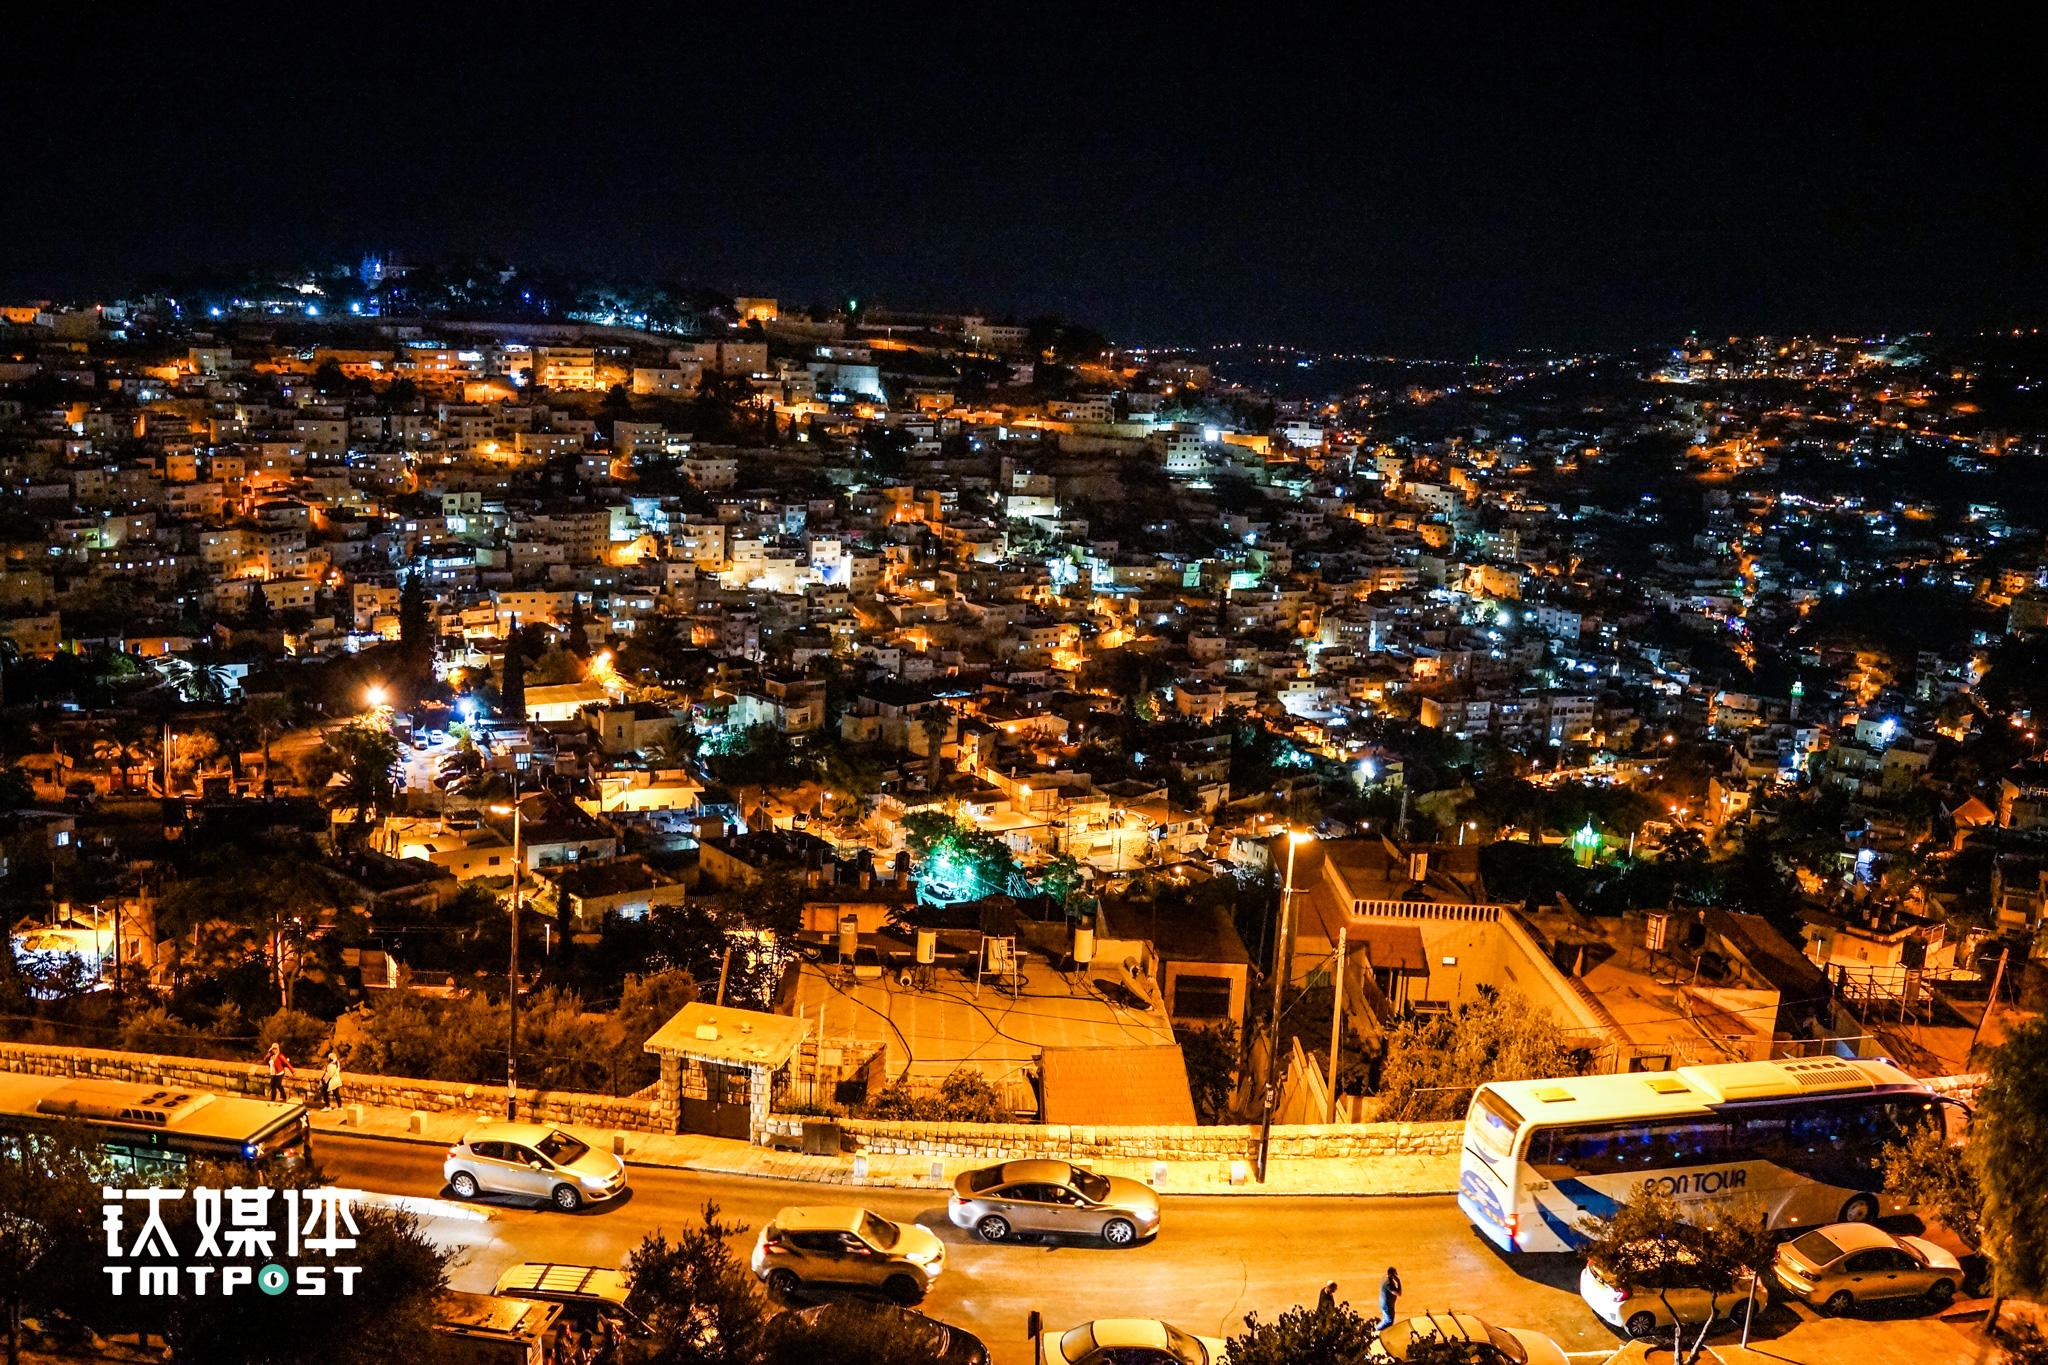 从雅法老城墙上俯瞰耶路撒冷夜景,这里依然闪亮着安静而古老的万家灯火。(图/朱玲玉)